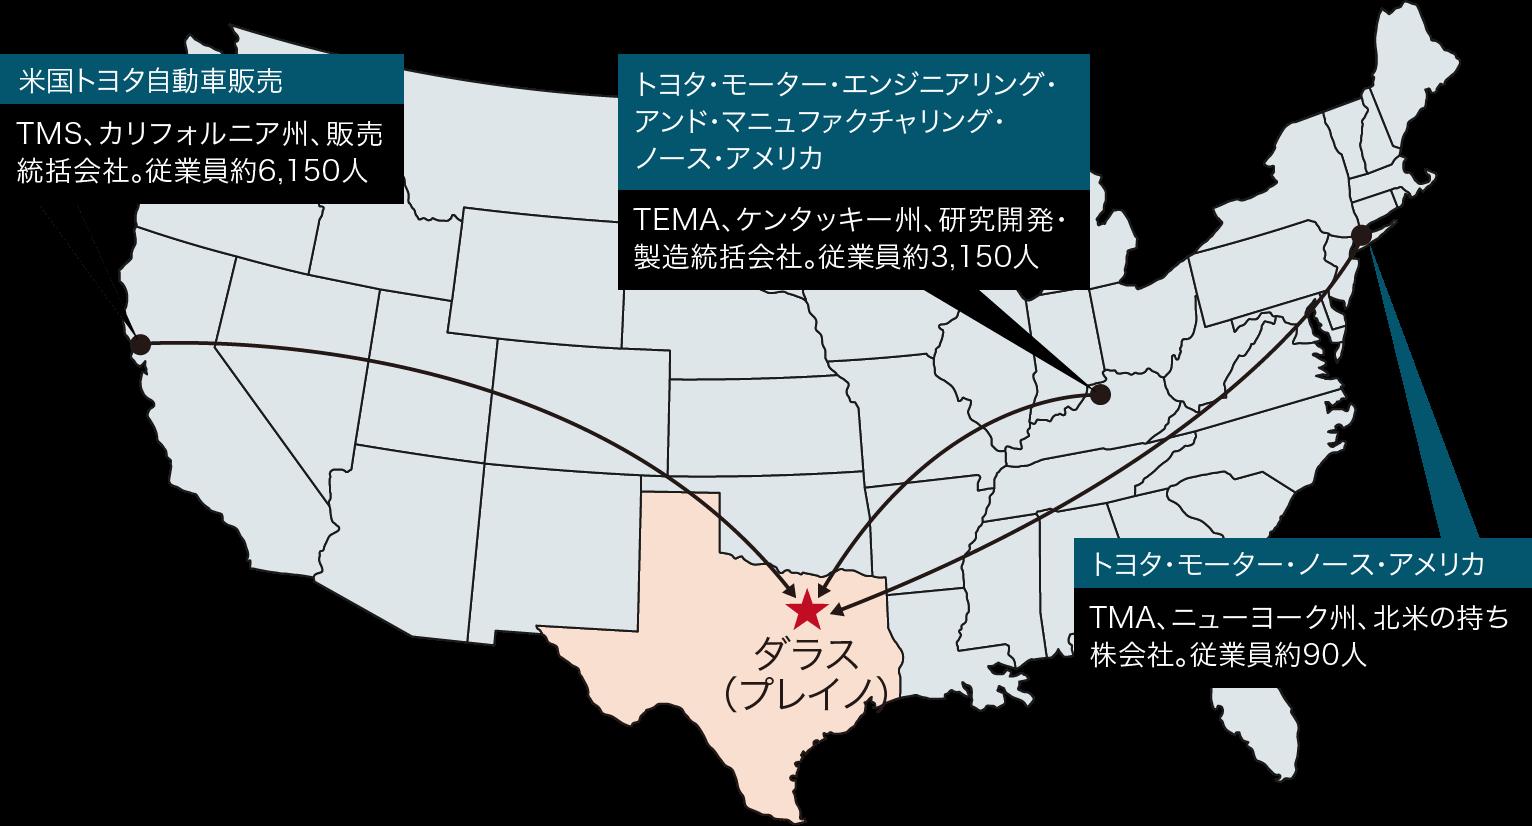 米国トヨタ自動車販売、トヨタ・モーター・エンジニアリング・アンド・マニュファクチャリング・ノース・アメリカ、トヨタ・モーター・ノース・アメリカが拠点をテキサス州ダラスへ